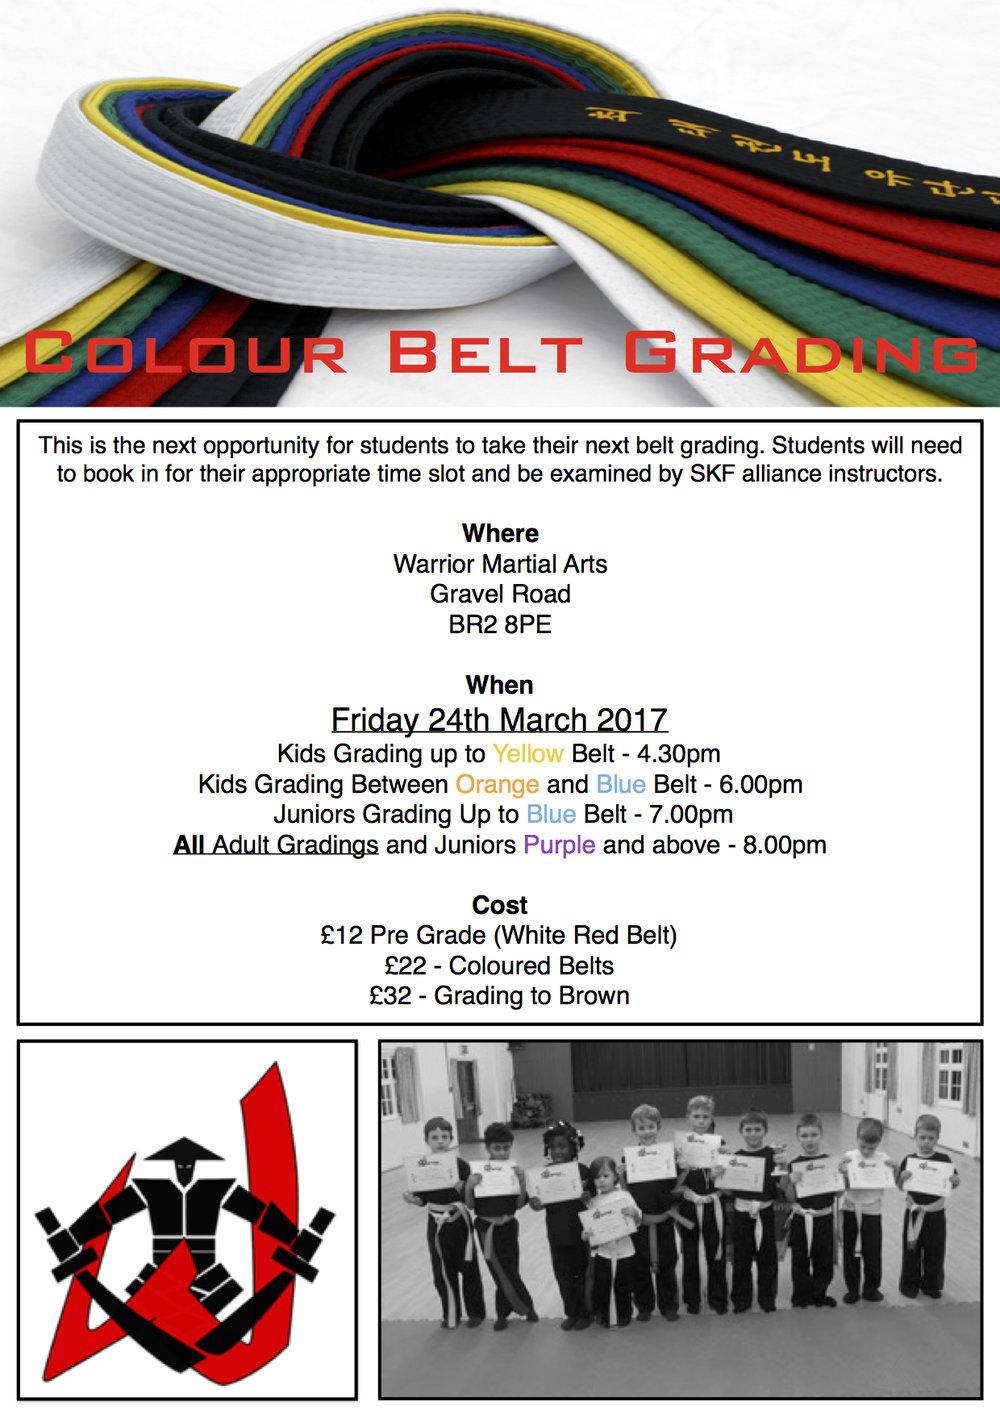 Colour Belt Grading.jpg